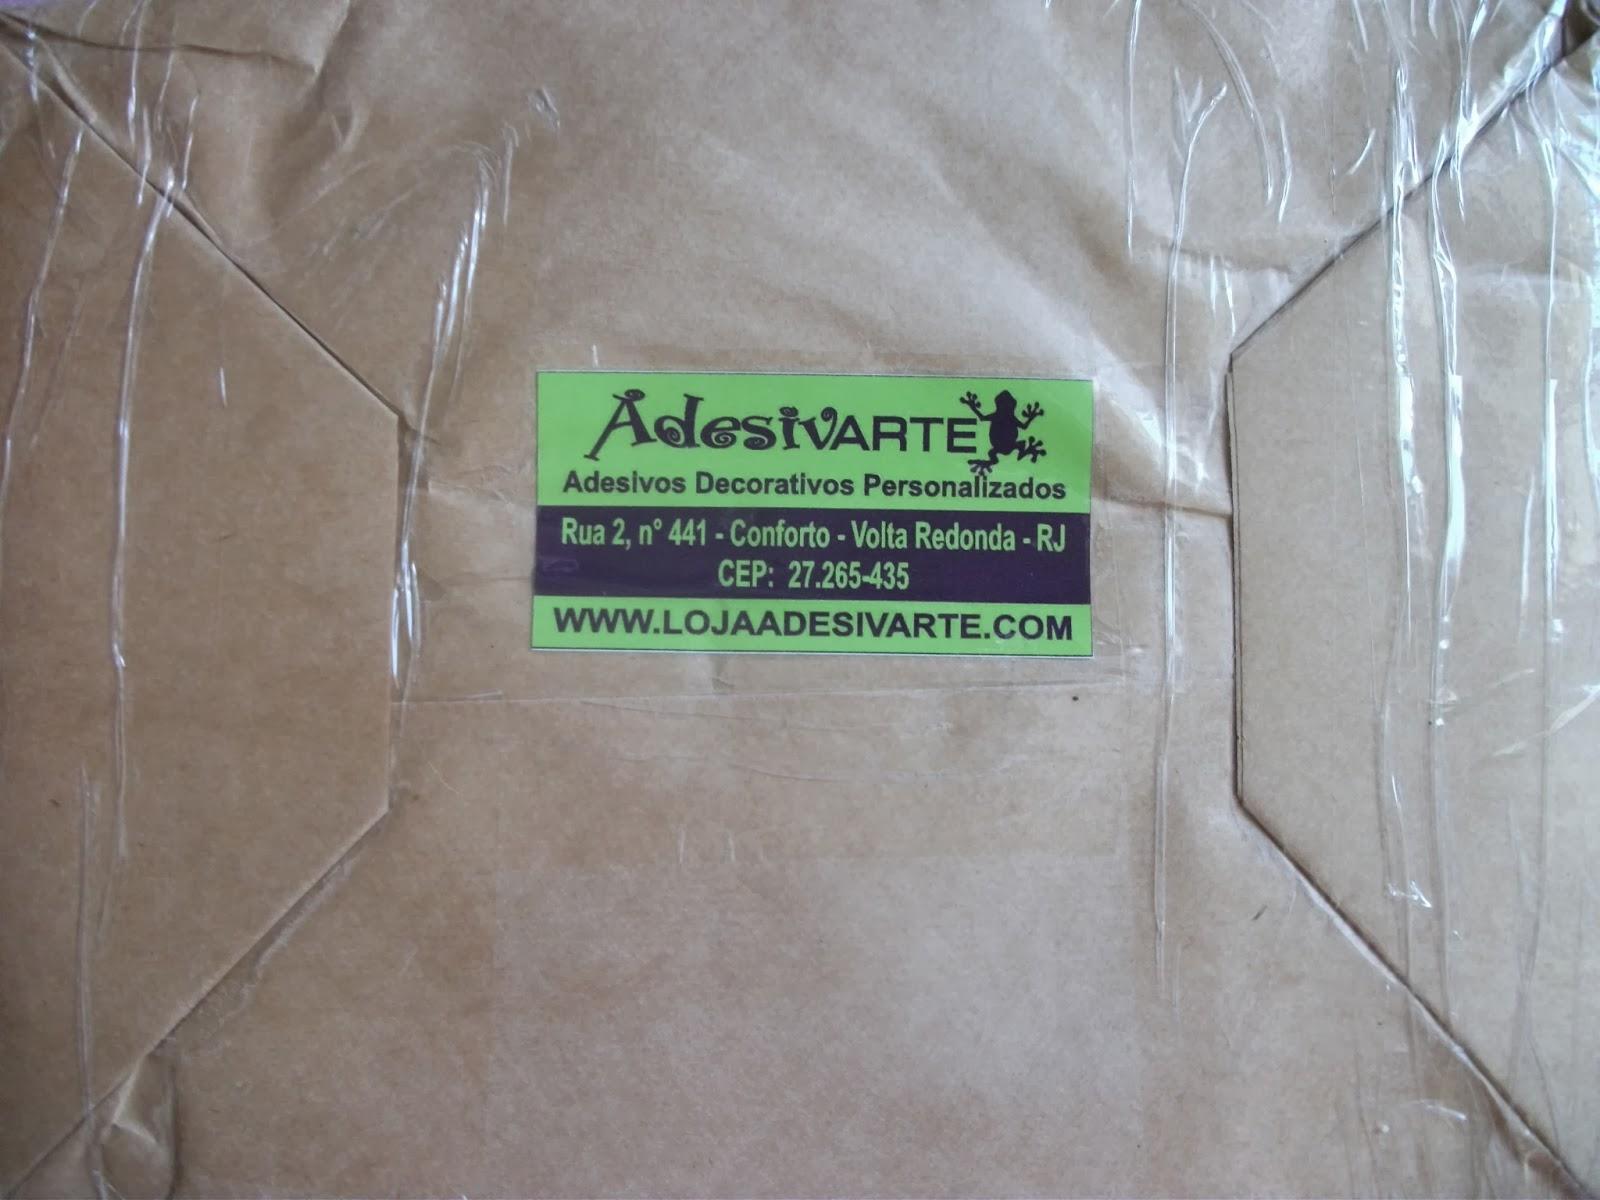 http://www.coisasdamartina.com/2014/01/porta-copos-da-adesivarte.html